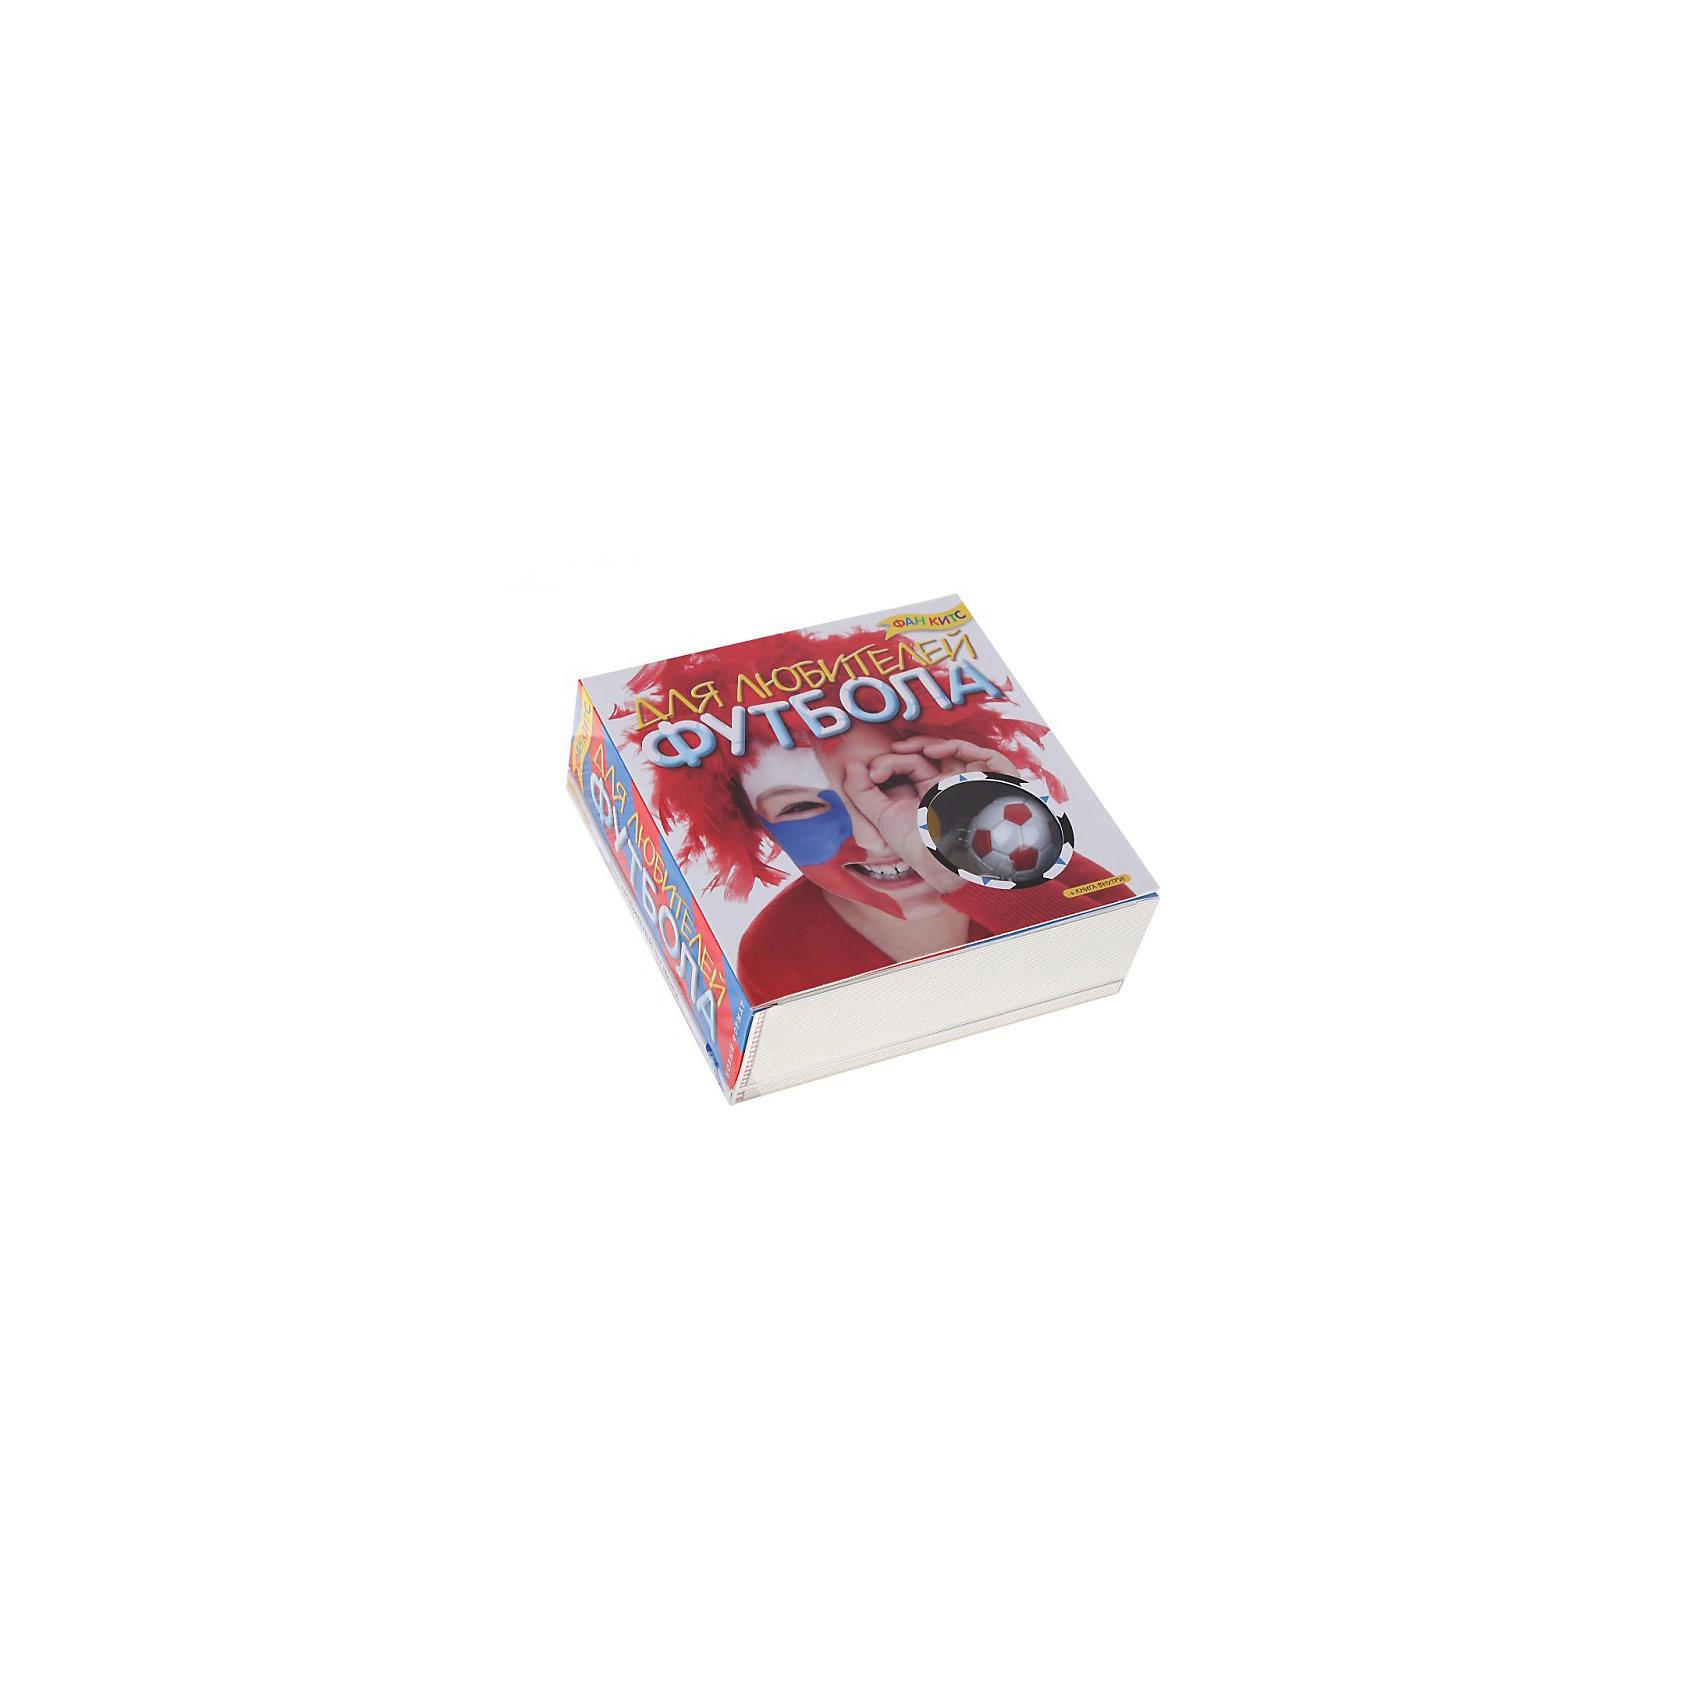 Набор Для любителей футболаКосметика, грим и парфюмерия<br>Fun kits «Для любителей футбола» - незаменимый набор настоящего футбольного болельщика или болельщицы. Главное – быть ярким и громким, и тогда твоя команда точно победит! Все необходимое для себя ты найдешь в этом наборе (краски для лица, свисток, судейские карточки и оригинальный брелок), а книга с цветными иллюстрациями подскажет тебе, как стать правильным и лучшим болельщиком!                          Дополнительная информация:<br>В набор входит:<br>- Книга (48 страниц) с инструкциями и цветными иллюстрациями; <br>- Краски для лица 6 цветов, <br>- Кисточка, <br>- Судейский свисток, <br>- Брелок футбольный мяч, <br>- Красная и желтая судейские карточки<br>Размер упаковки (д/ш/в): 170 х 62 х 170 мм<br>Собираясь на футбол, не забудь свой набор настоящего болельщика!<br><br>Ширина мм: 170<br>Глубина мм: 62<br>Высота мм: 170<br>Вес г: 500<br>Возраст от месяцев: 72<br>Возраст до месяцев: 144<br>Пол: Мужской<br>Возраст: Детский<br>SKU: 2358161